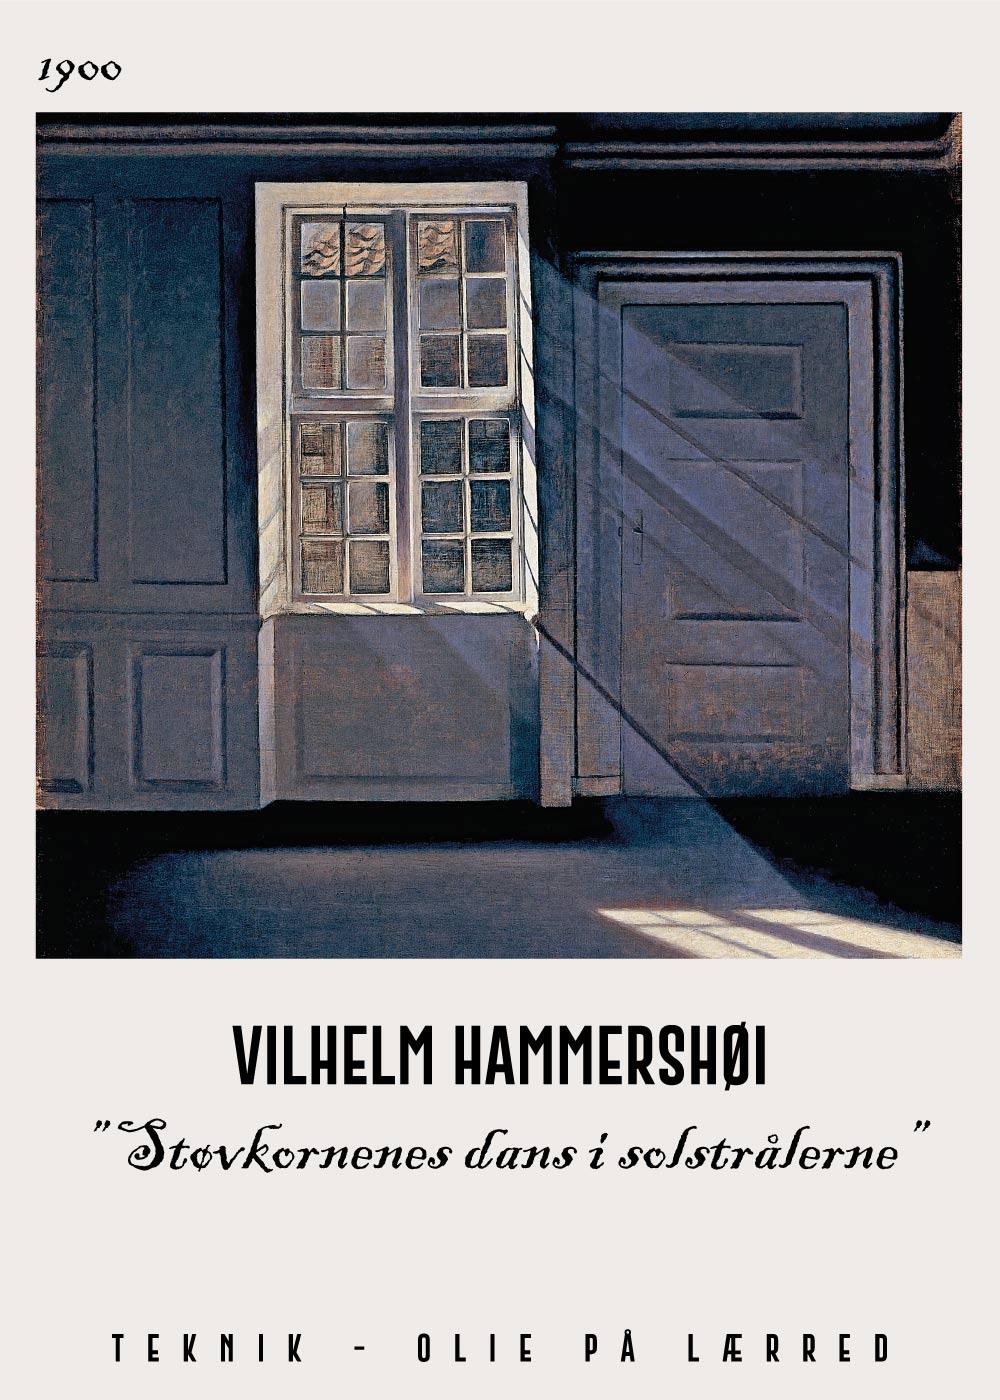 Billede af Støvkornenes dans i solstra%CC%8Alerne - Vilhelm Hammershøi Kunstplakat